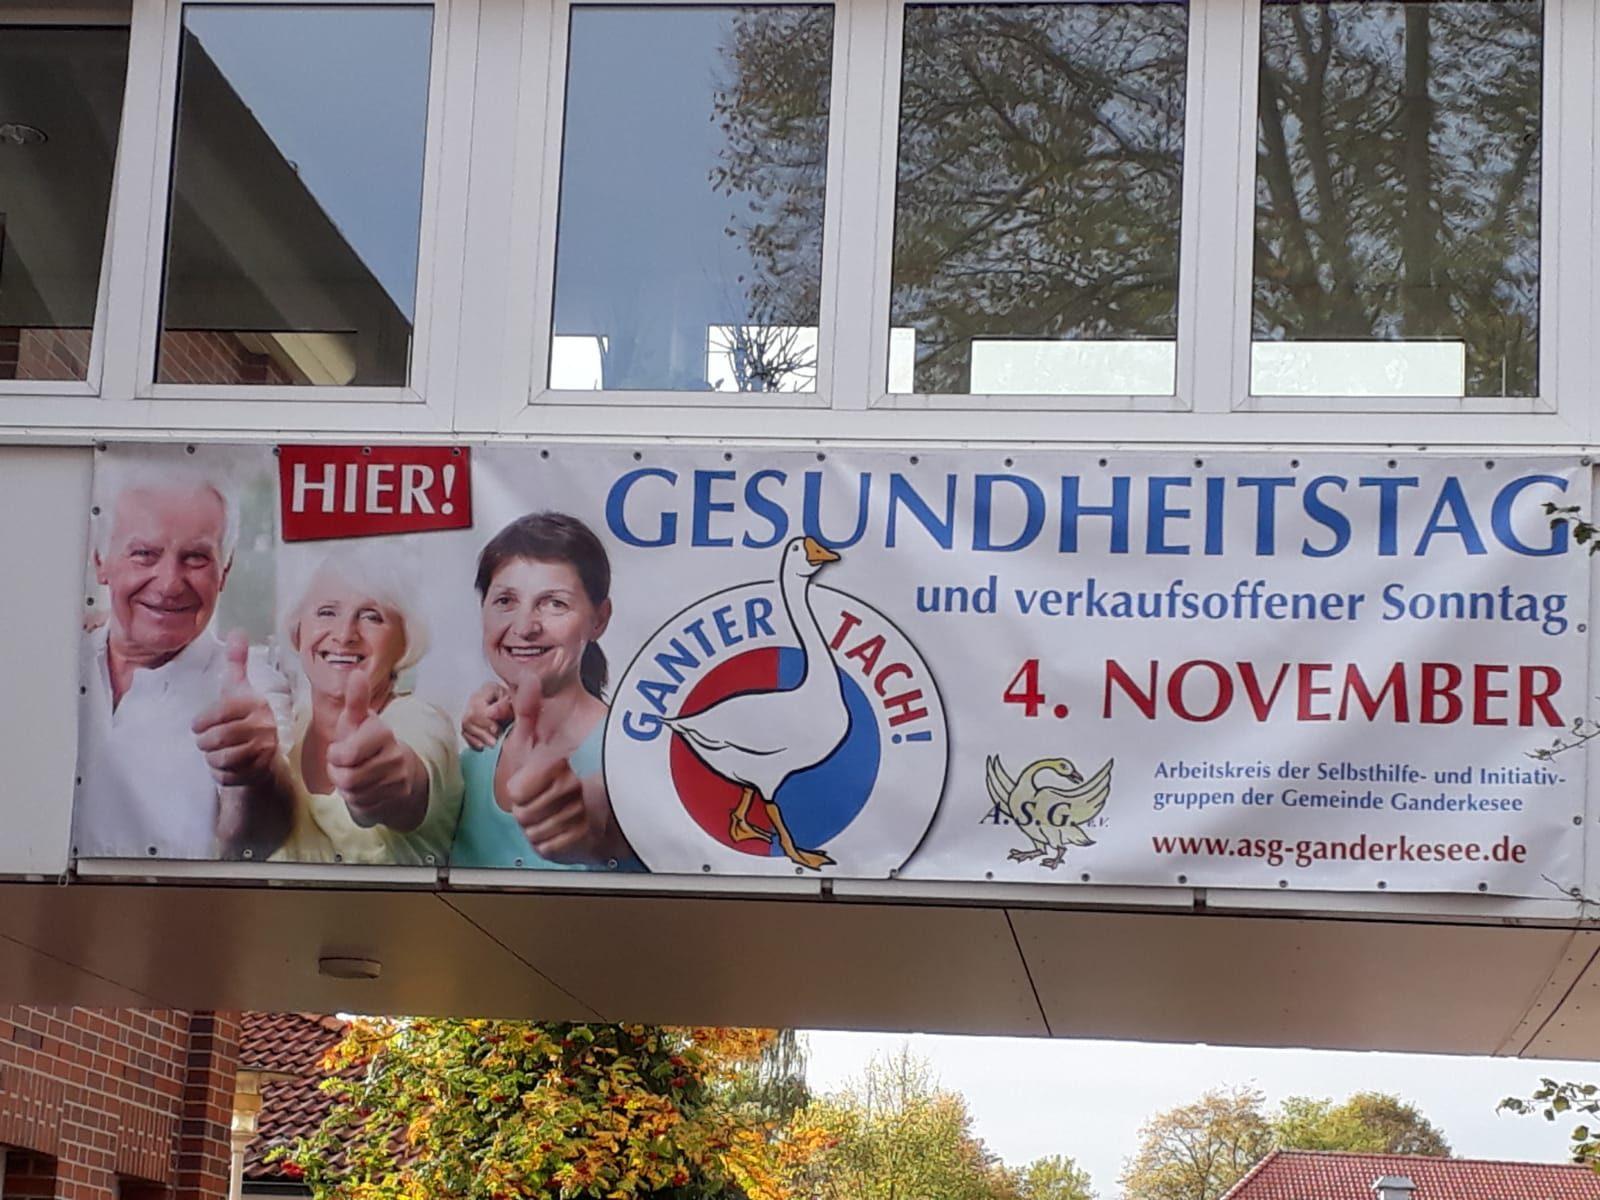 Banner Gesundheitstag